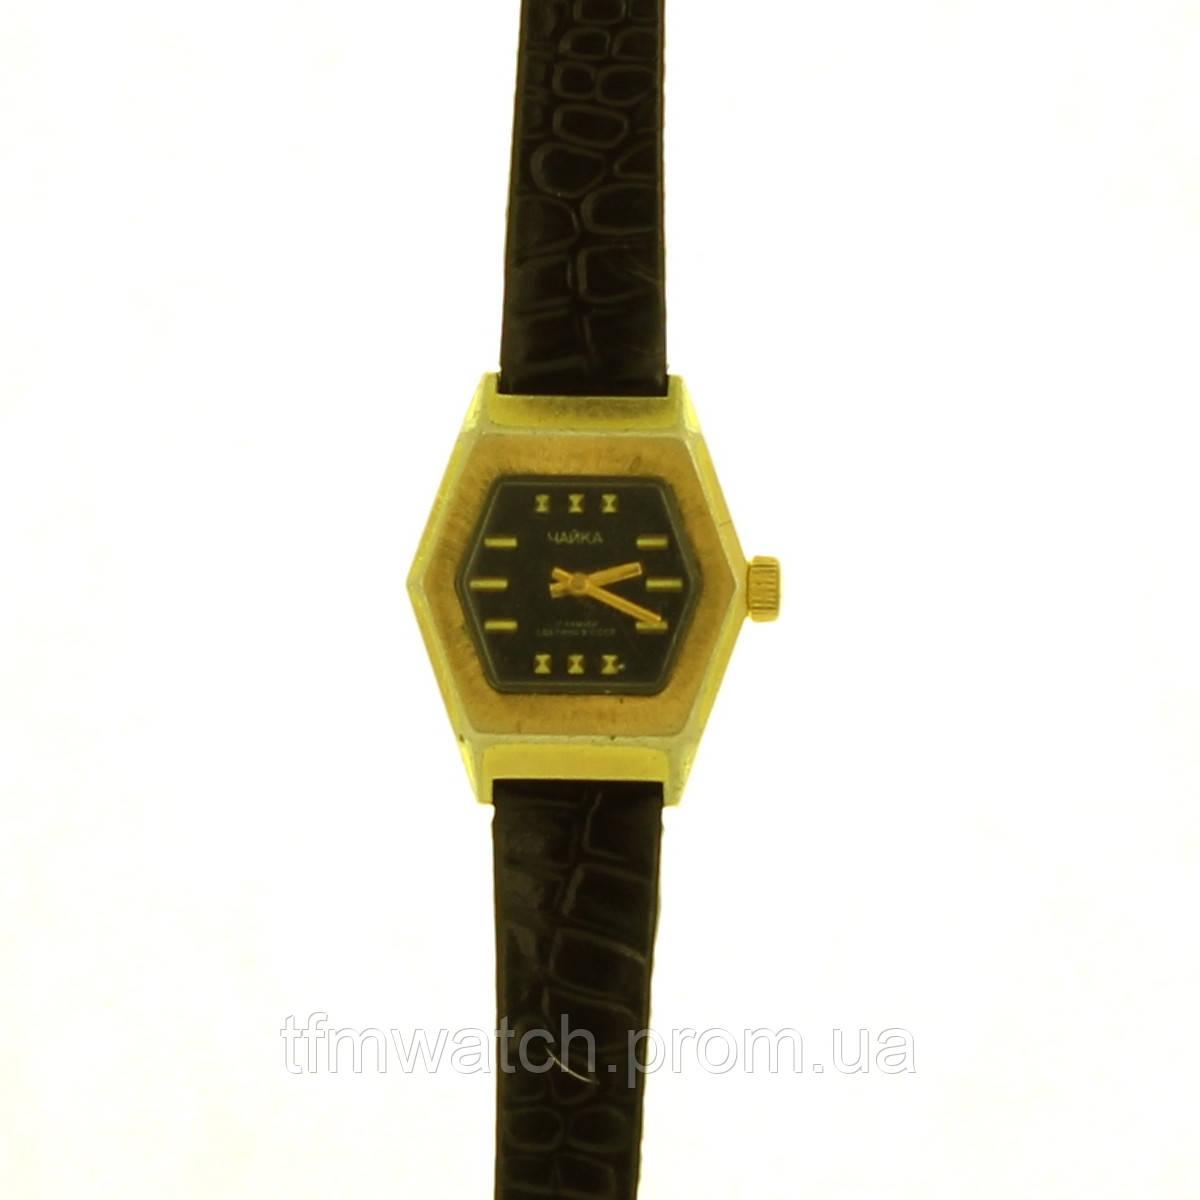 Чайка женские  механические часы СССР